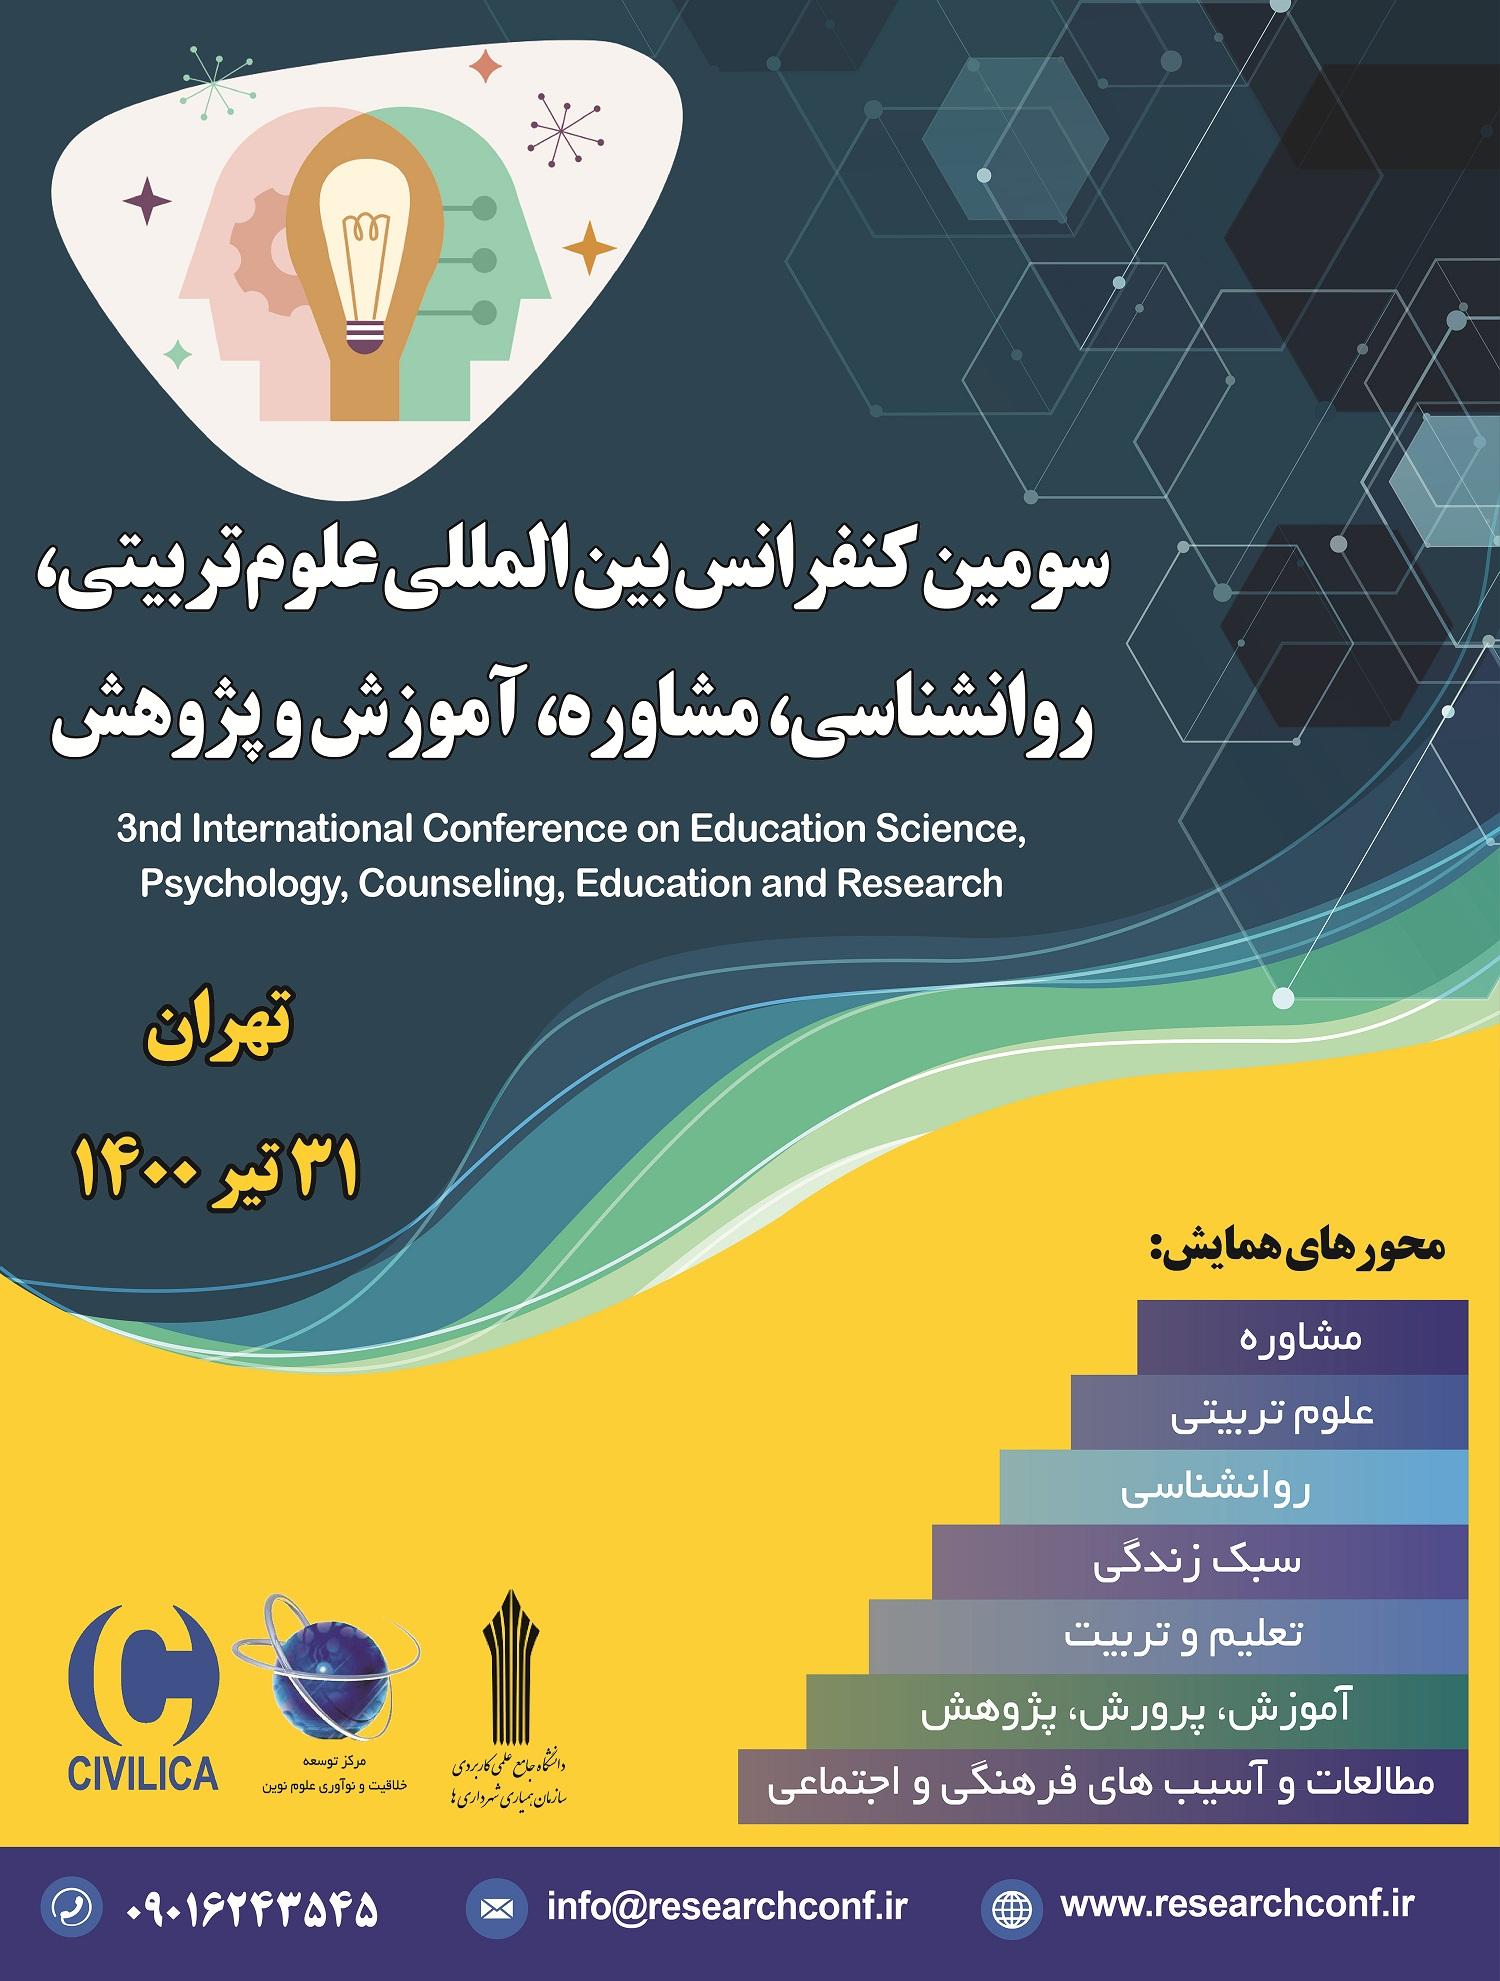 سومین کنفرانس بین المللی علوم تربیتی، روانشناسی، مشاوره، آموزش و پژوهش